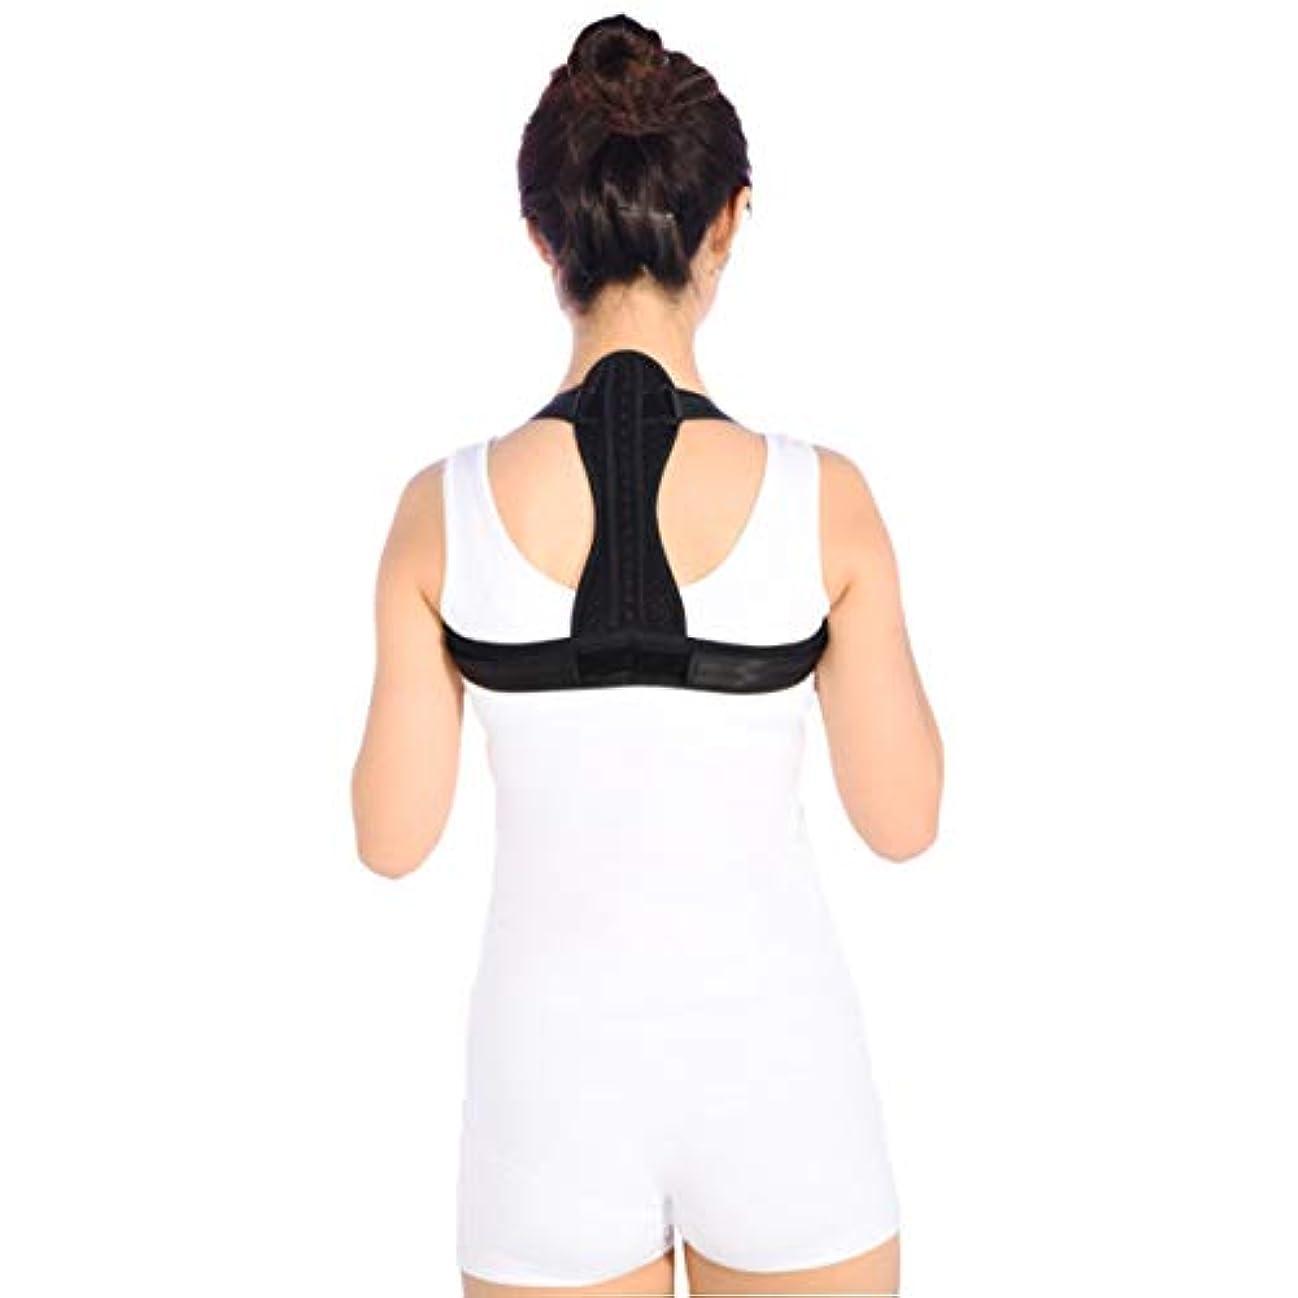 ボランティア熟読ラフト通気性の脊柱側弯症ザトウクジラ補正ベルト調節可能な快適さ目に見えないベルト男性女性大人学生子供 - 黒